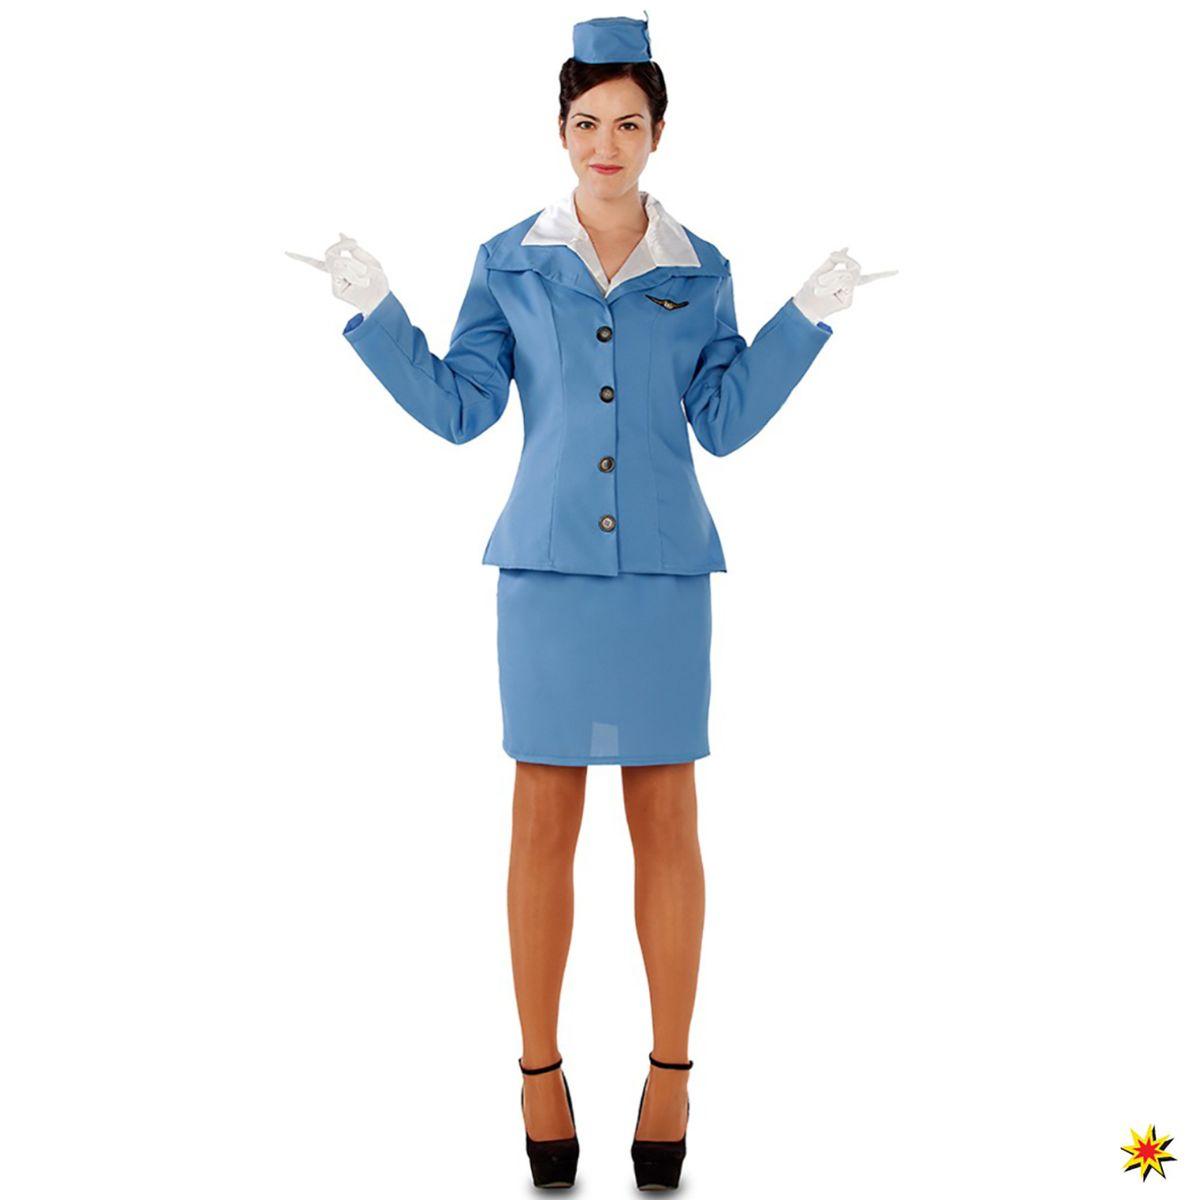 164acf13cf519 Damen Kostüm Flugbegleiterin Monique | Krause & Sohn Onlineshop